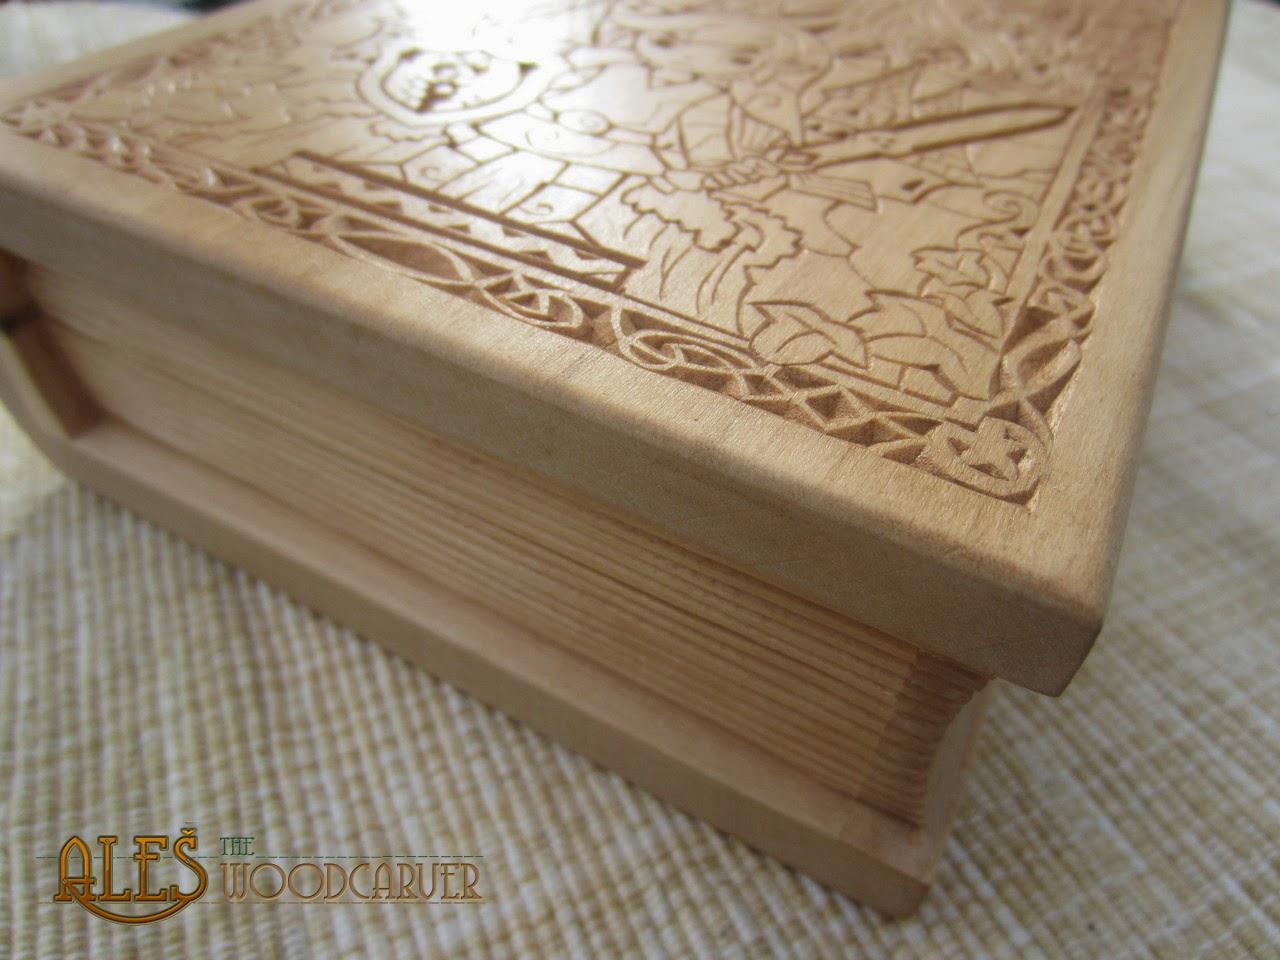 Ales the woodcarver legend of zelda trinket box